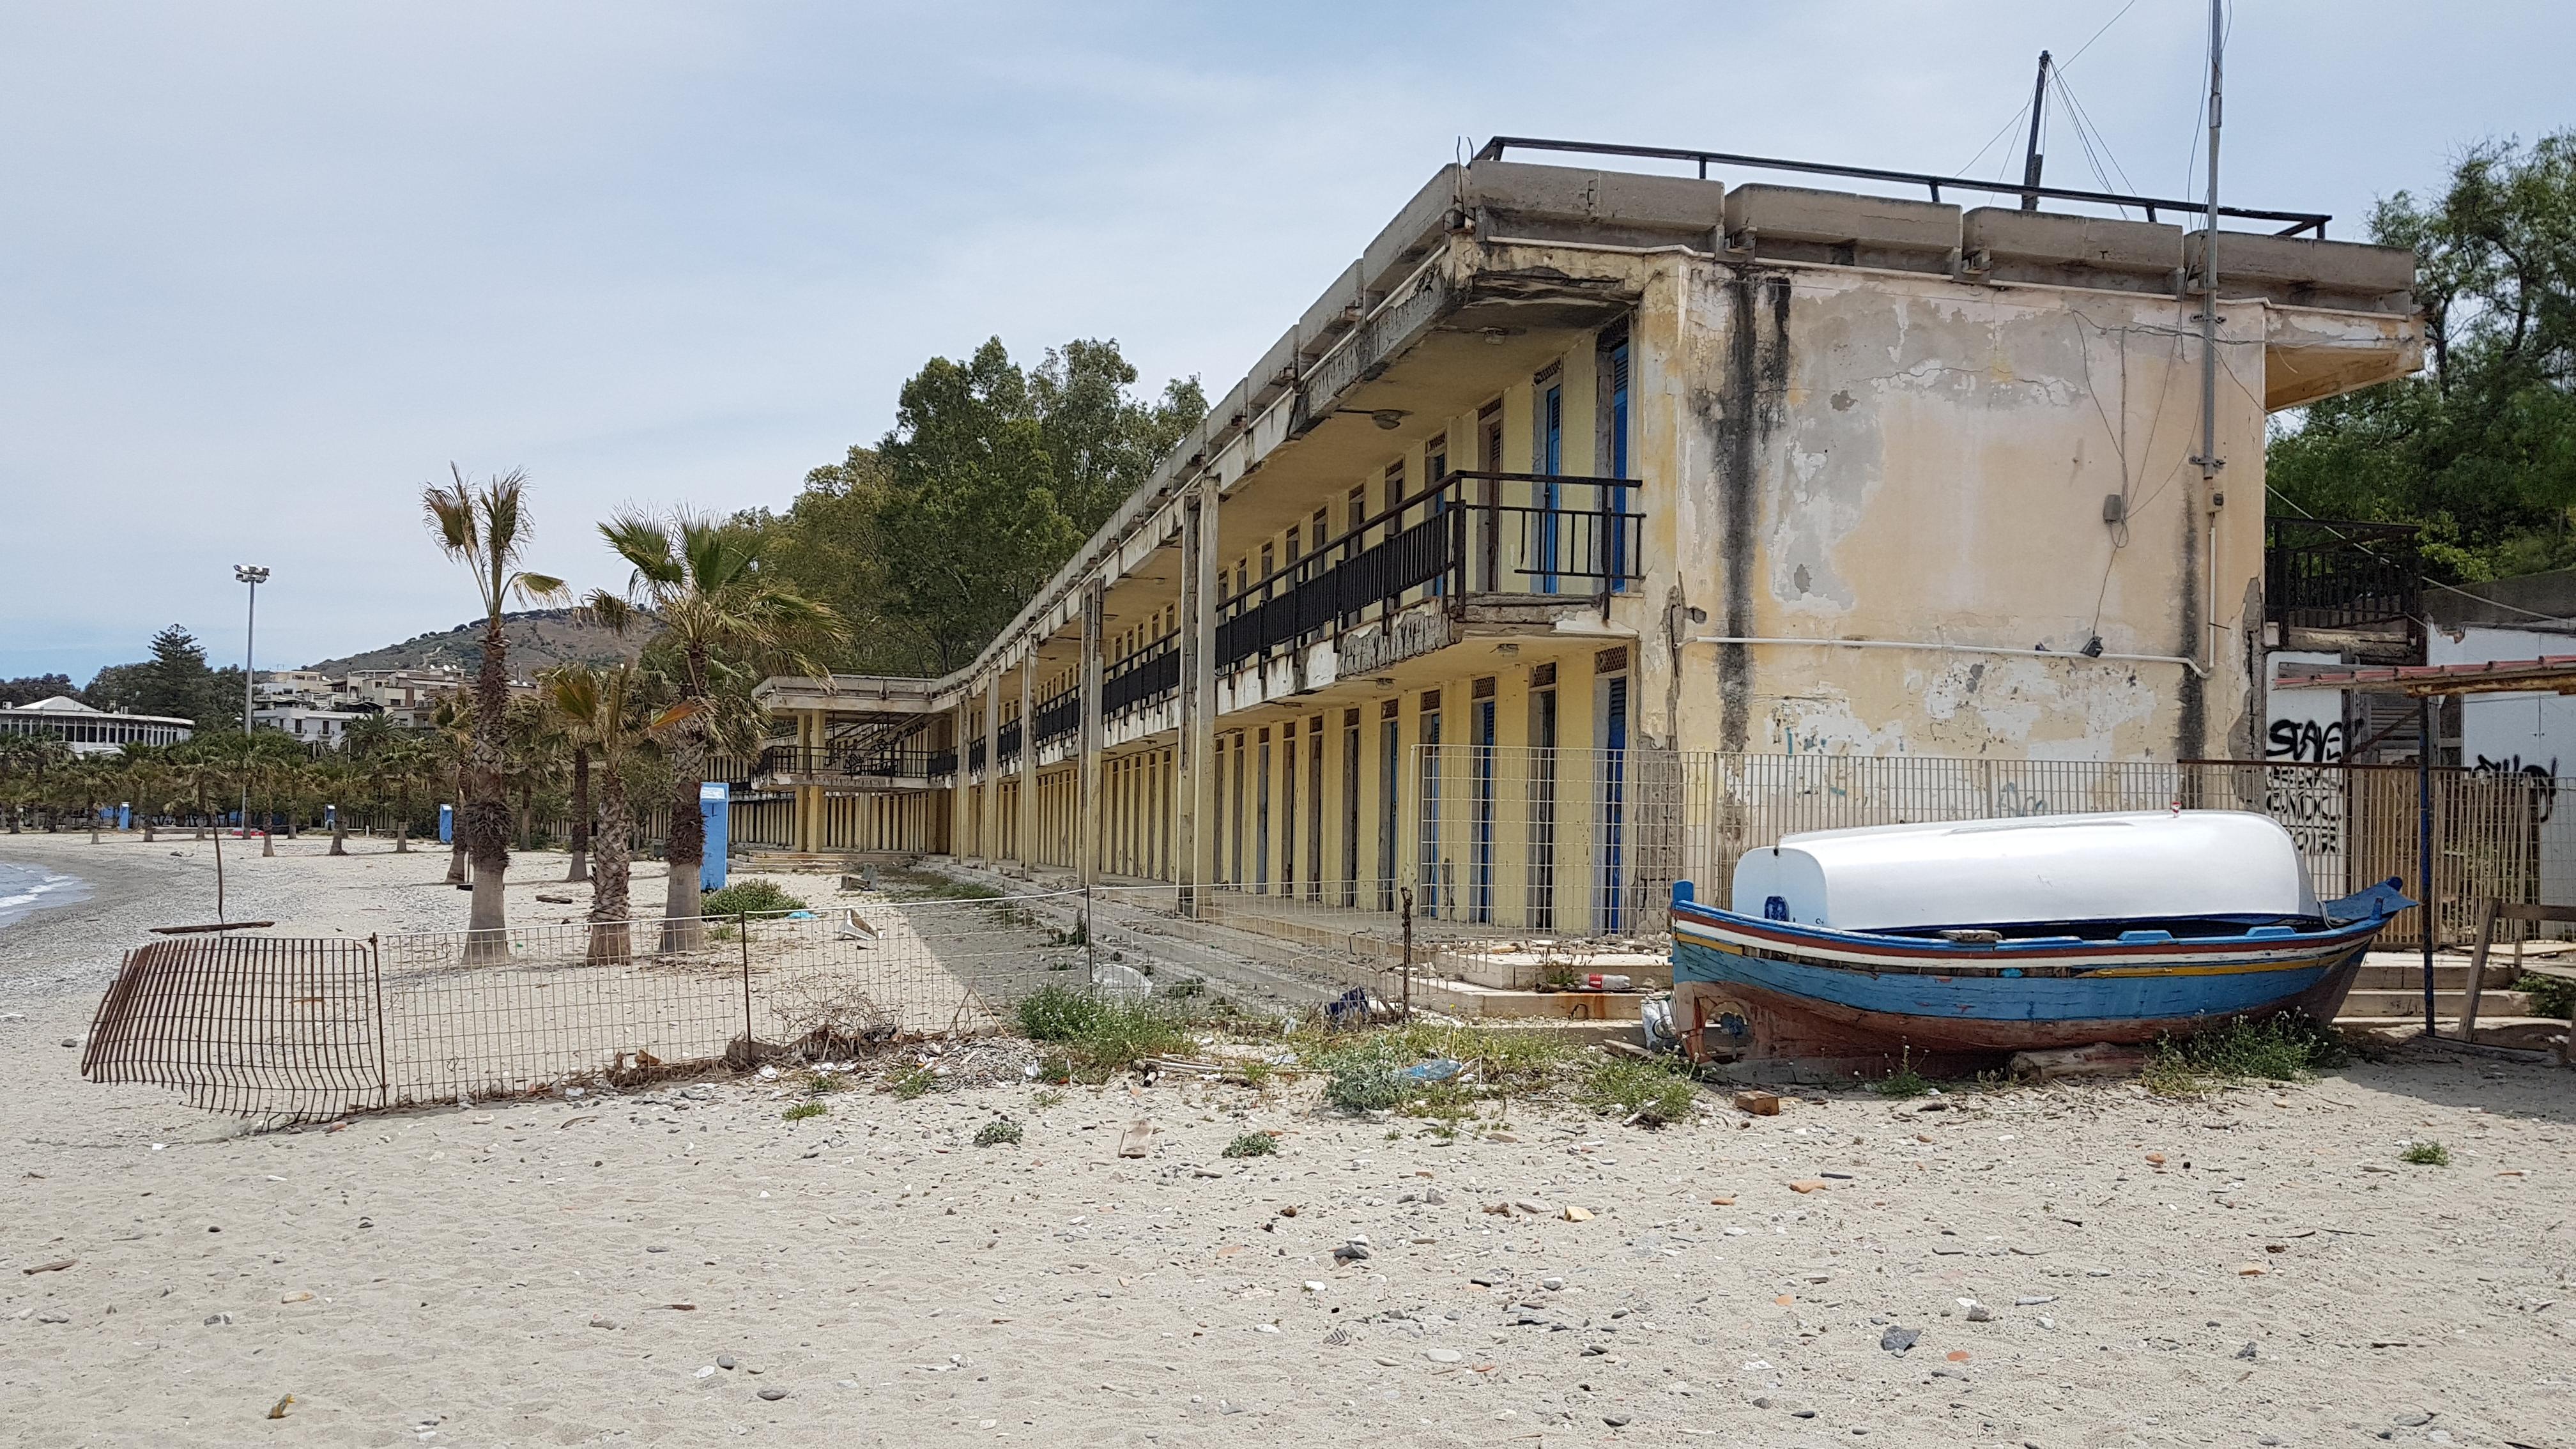 Nuccio Pizzimenti, Intervista sul Lido Comunale di reggio Calabria, estate 2019 3